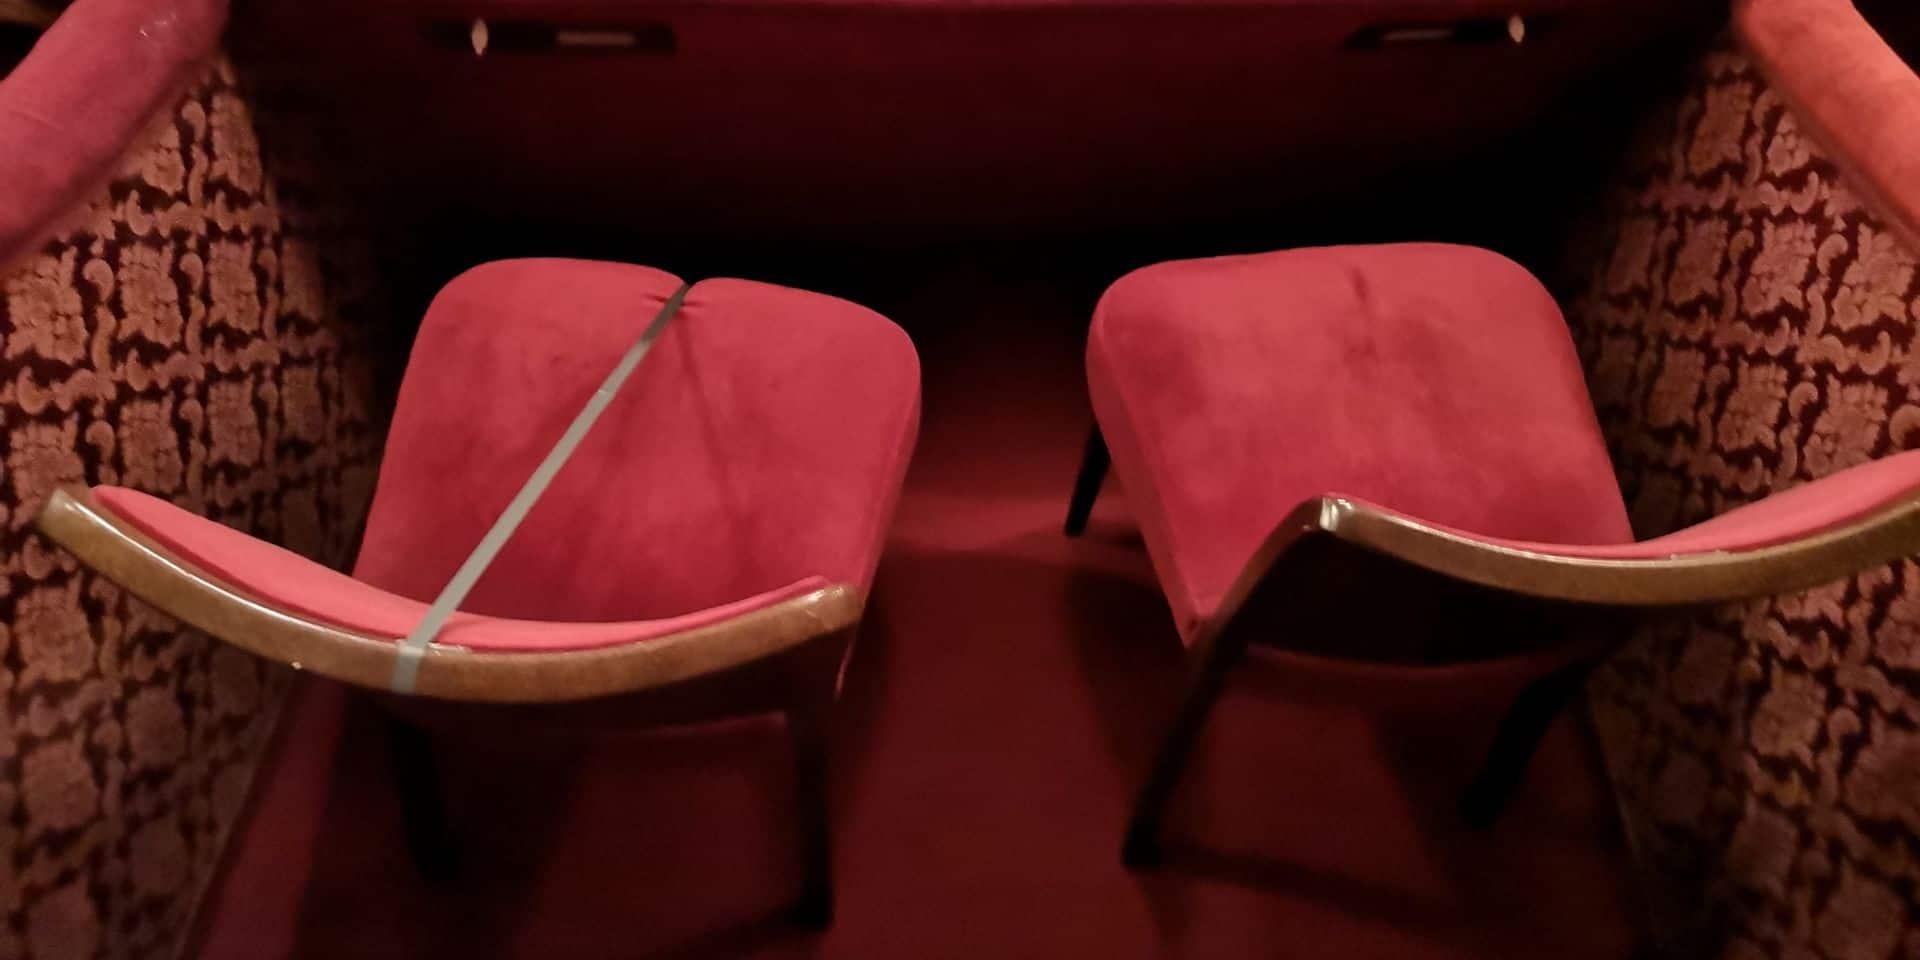 La Ville de Liège propose de remplir les salles de spectacles à raison d'un siège sur 2